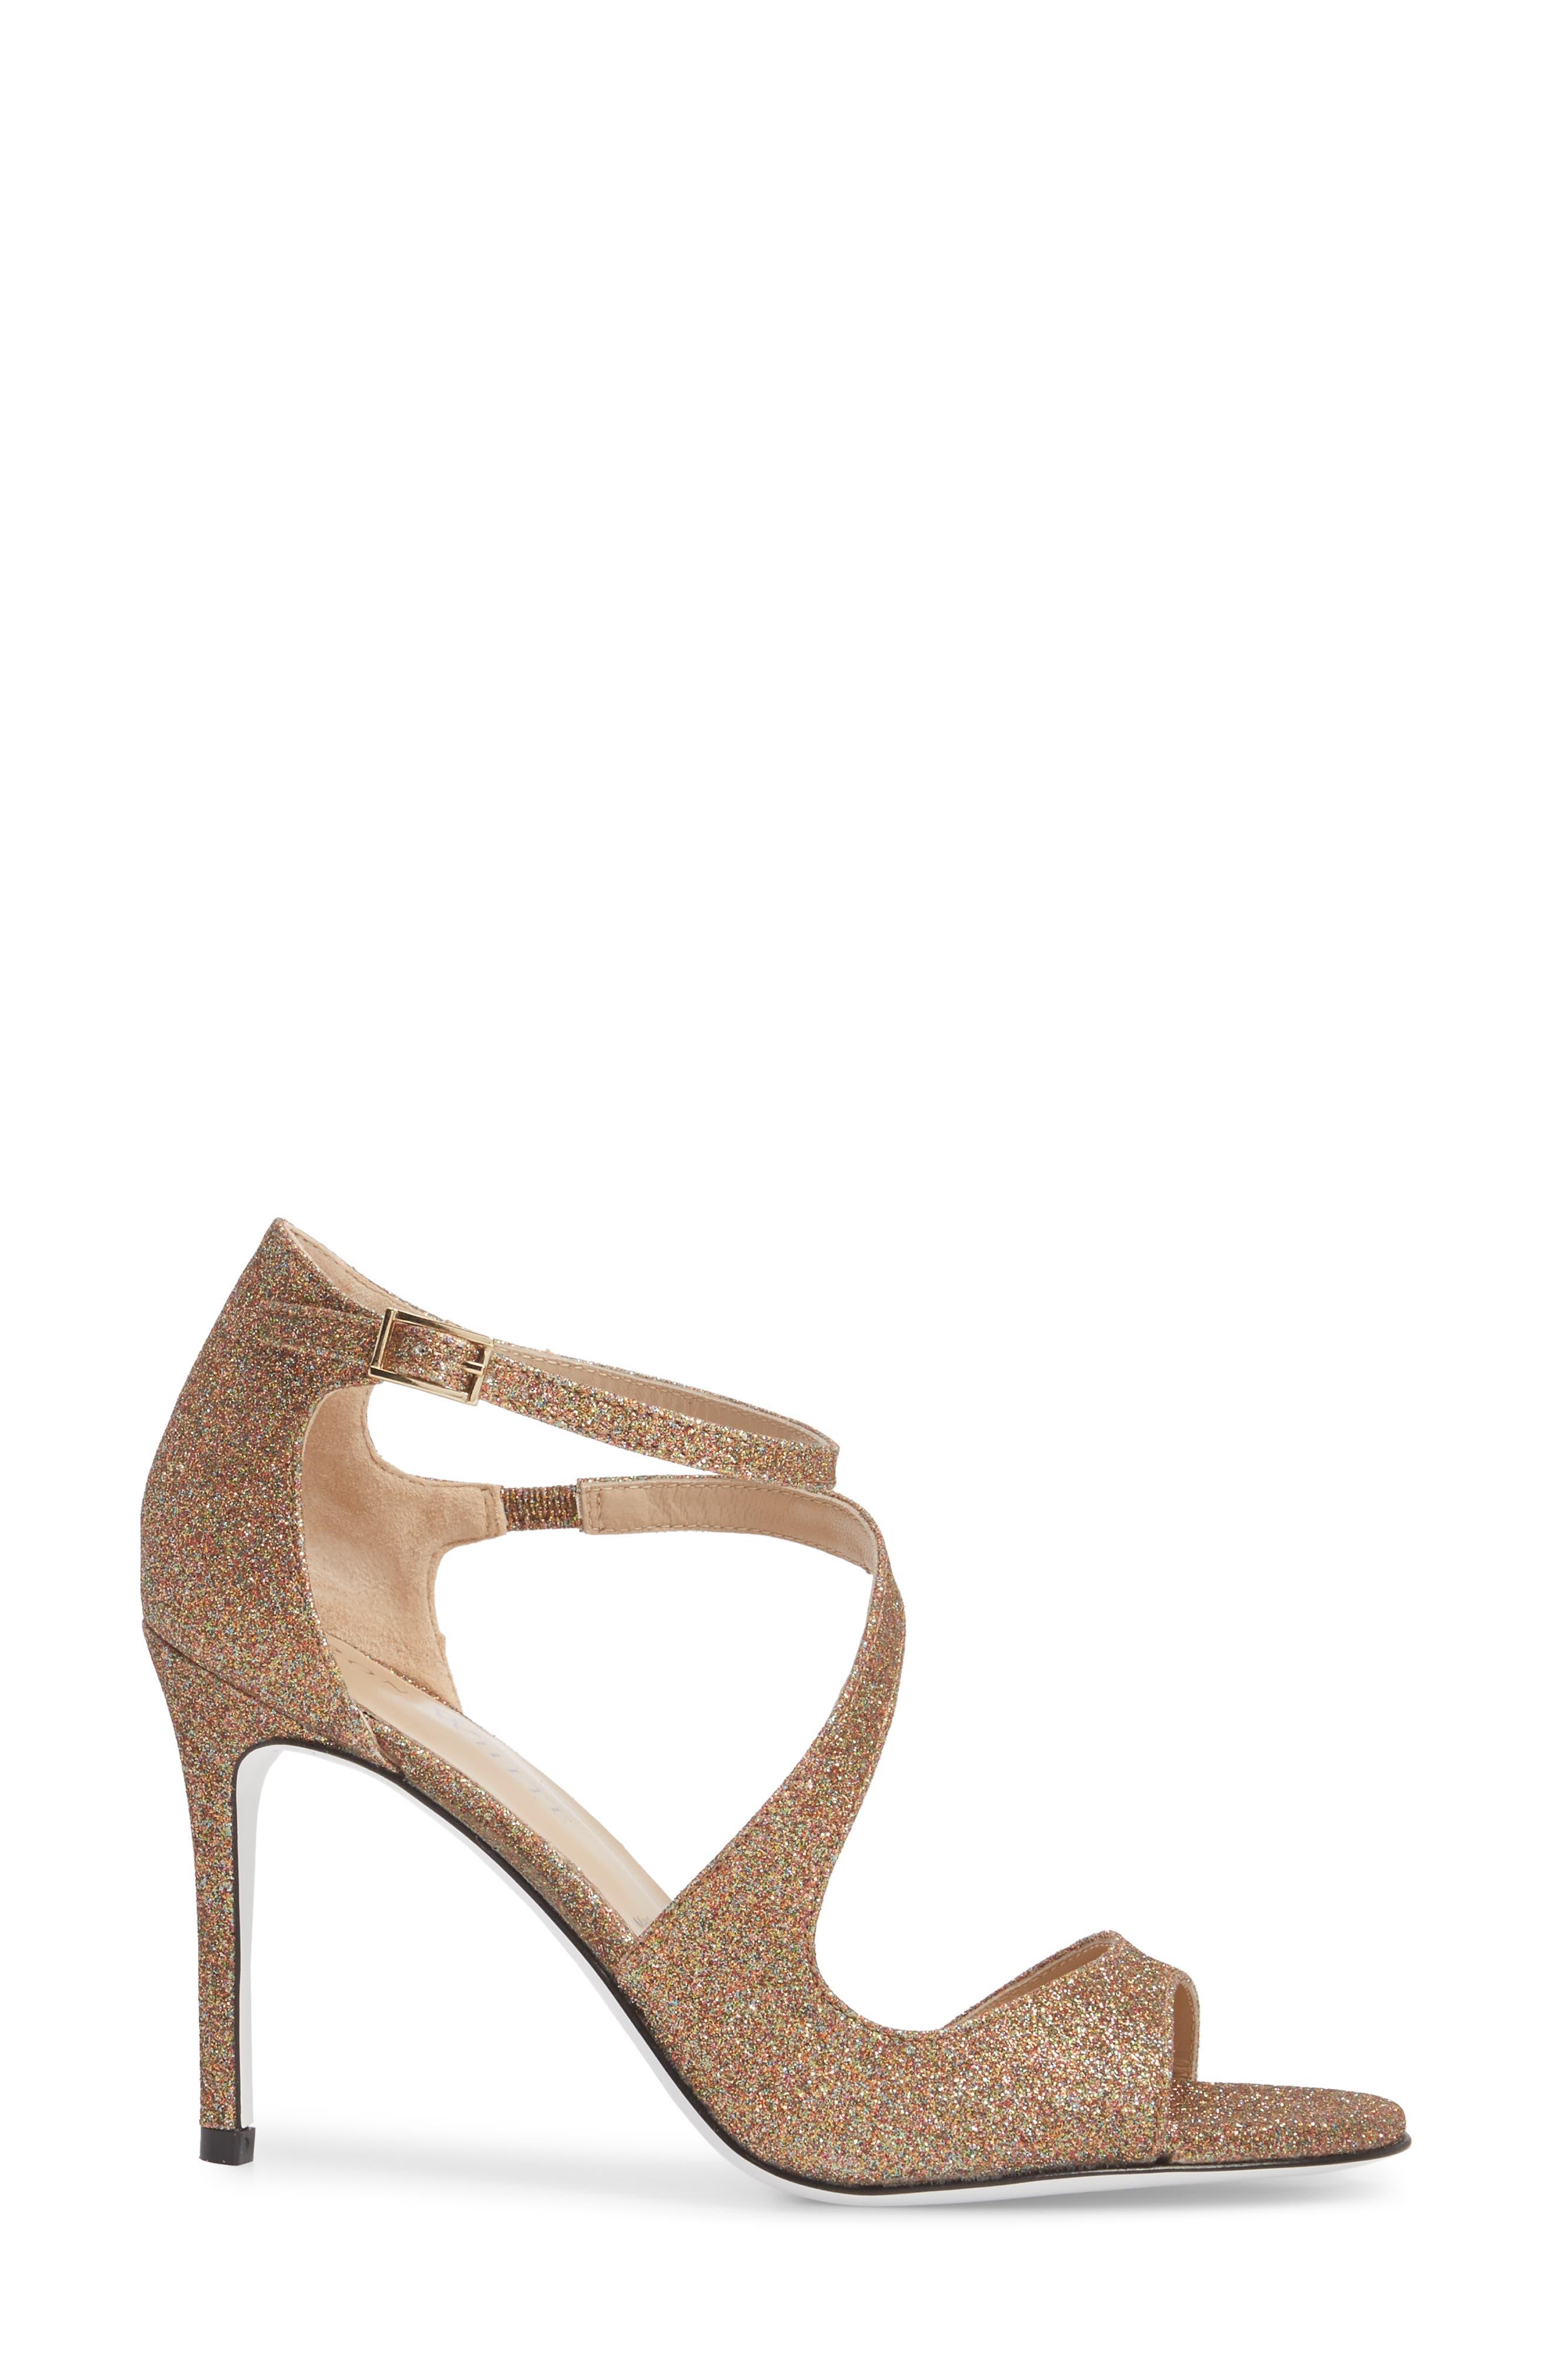 Alternate Image 3  - Ron White Vallie Glitter Sandal (Women)